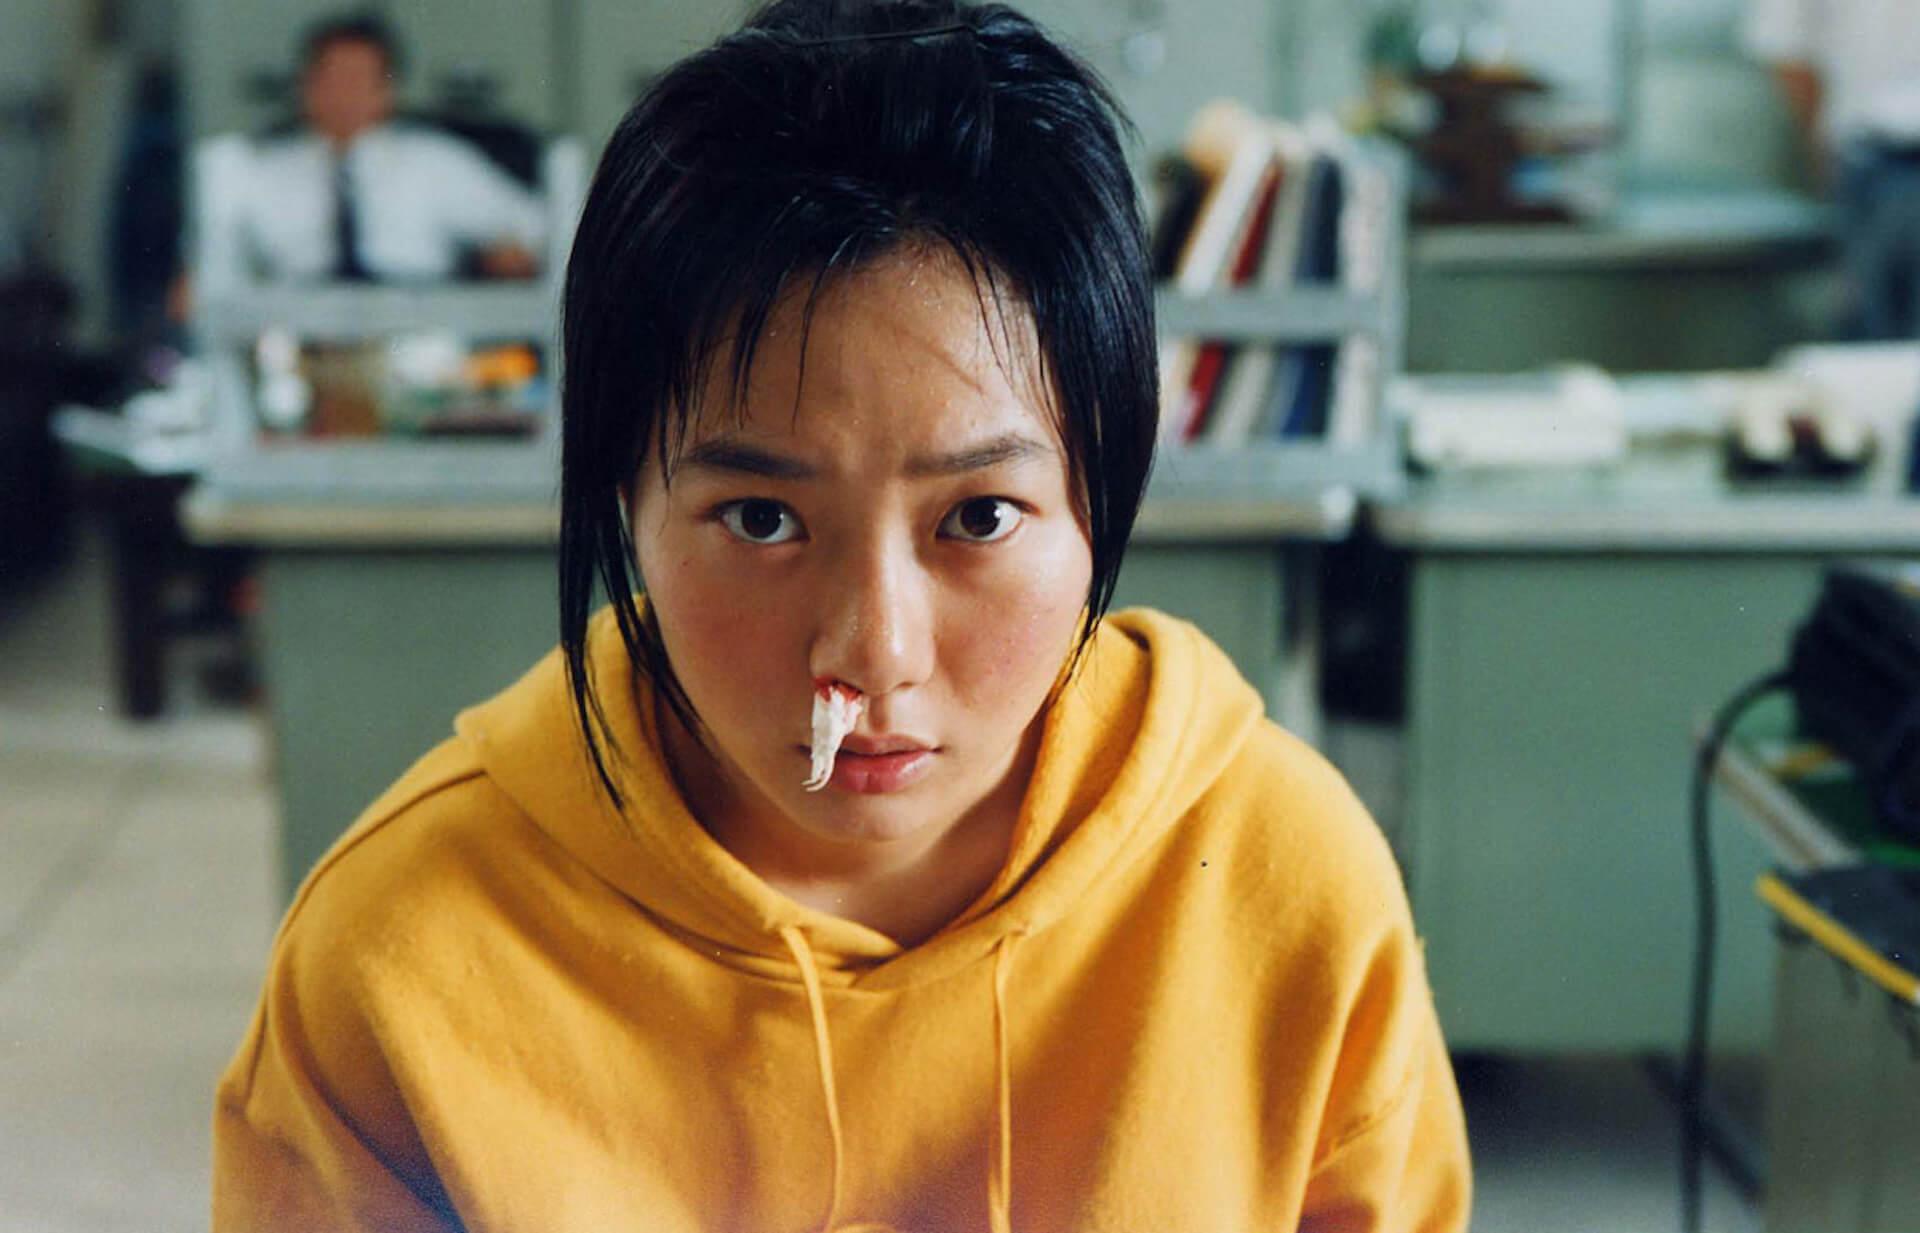 『パラサイト』ポン・ジュノ監督の傑作3選がBlu-rayに!『殺人の追憶』『母なる証明』『ほえる犬は噛まない』収録BOXが登場 film200528_ponjuno_bluray_04